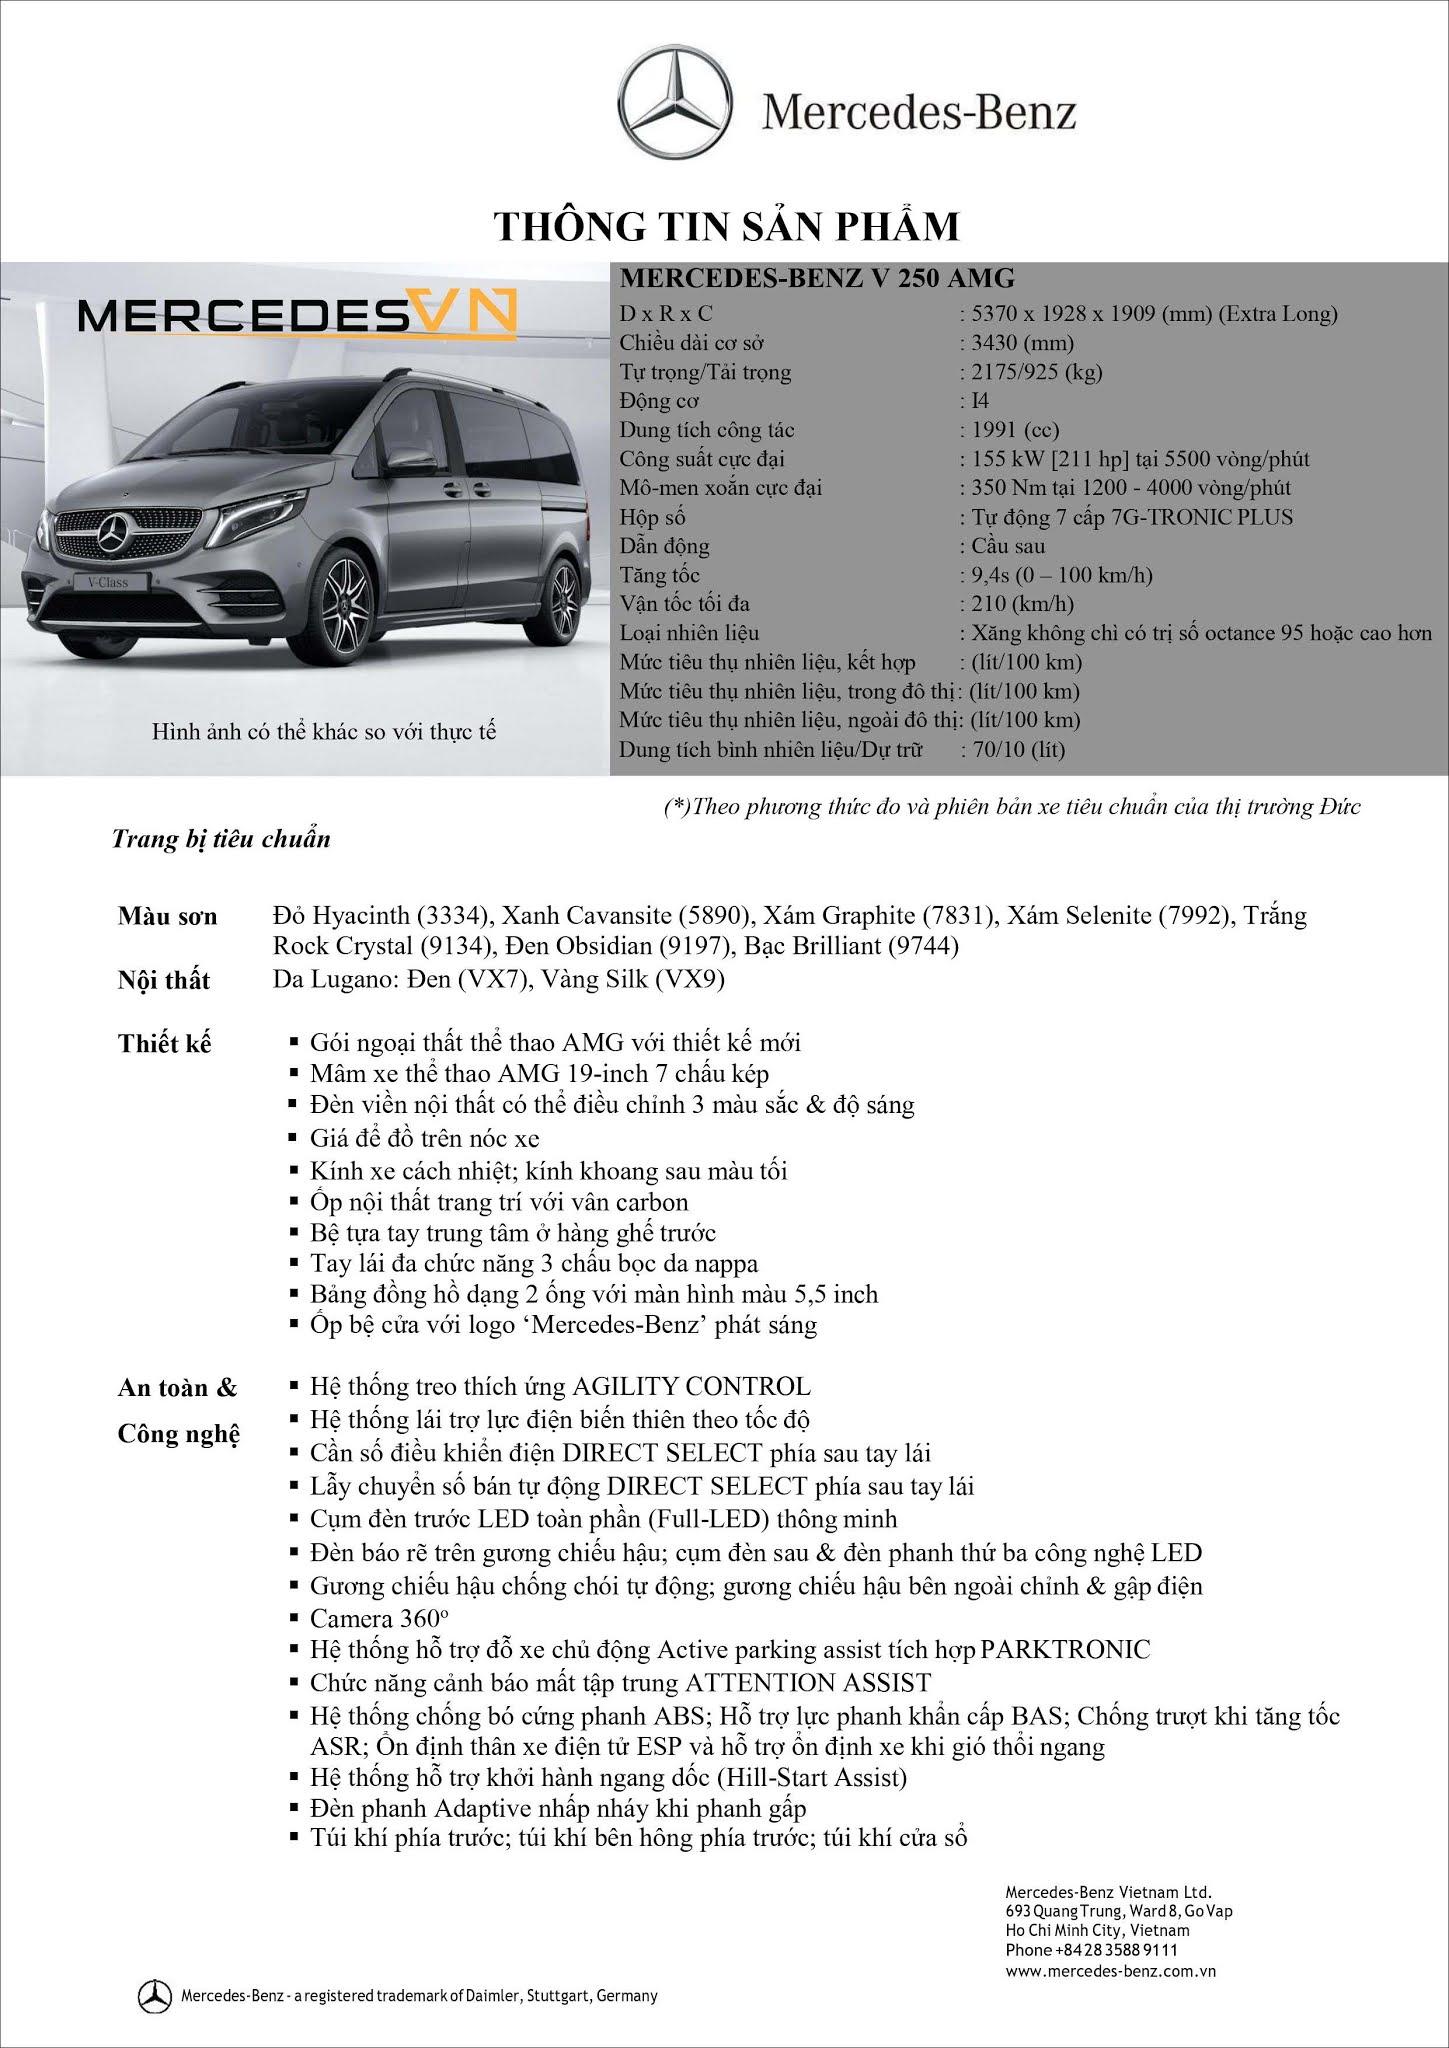 Bảng thông số kỹ thuật Mercedes V250 AMG 2021